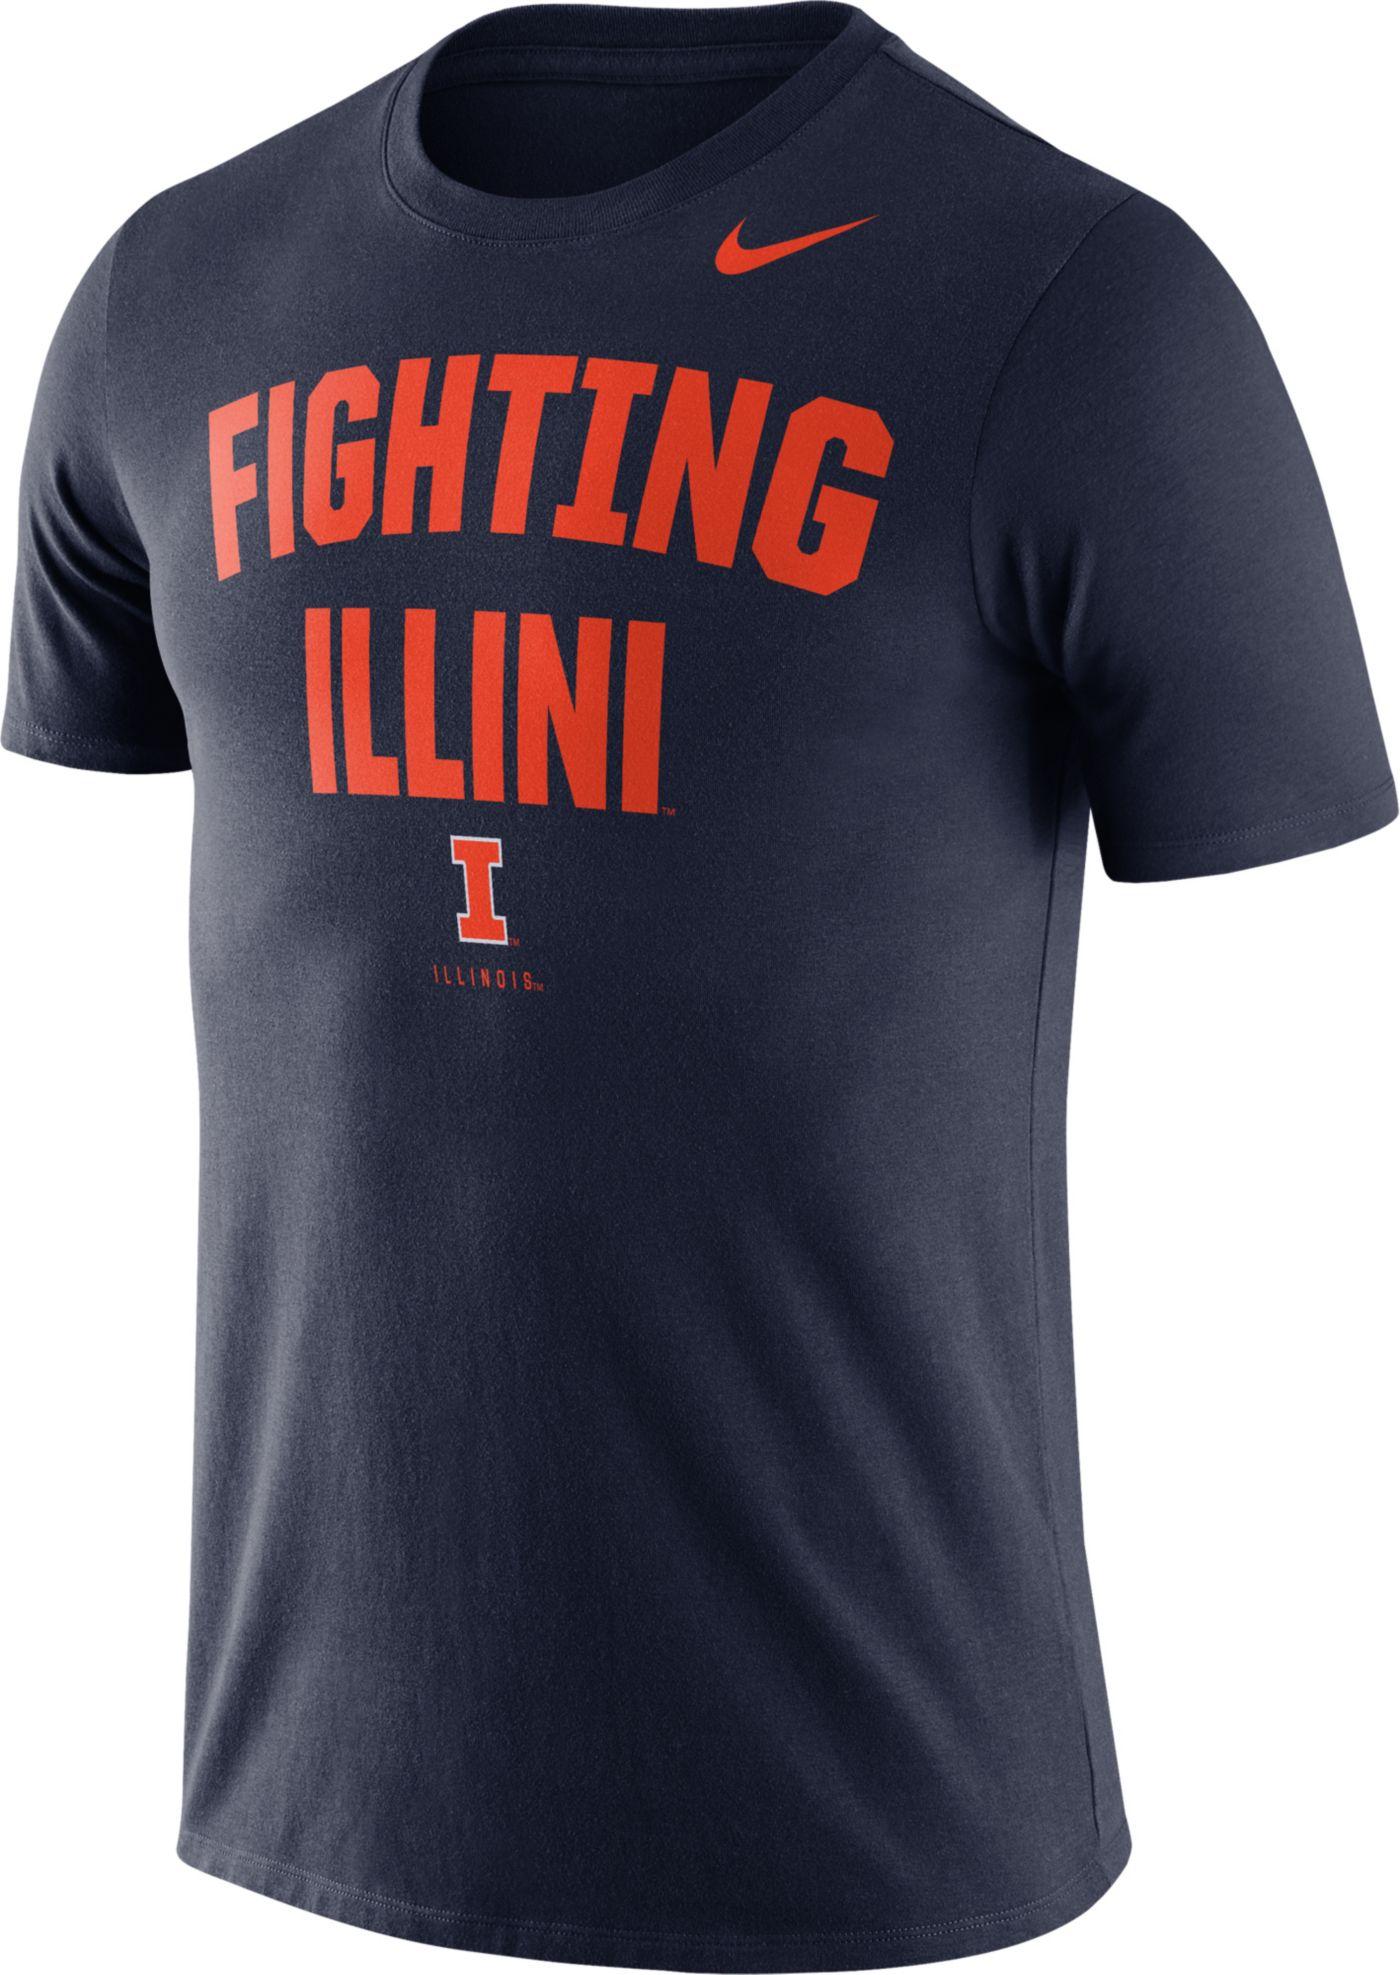 Nike Men's Illinois Fighting Illini Blue Dri-FIT Phrase T-Shirt